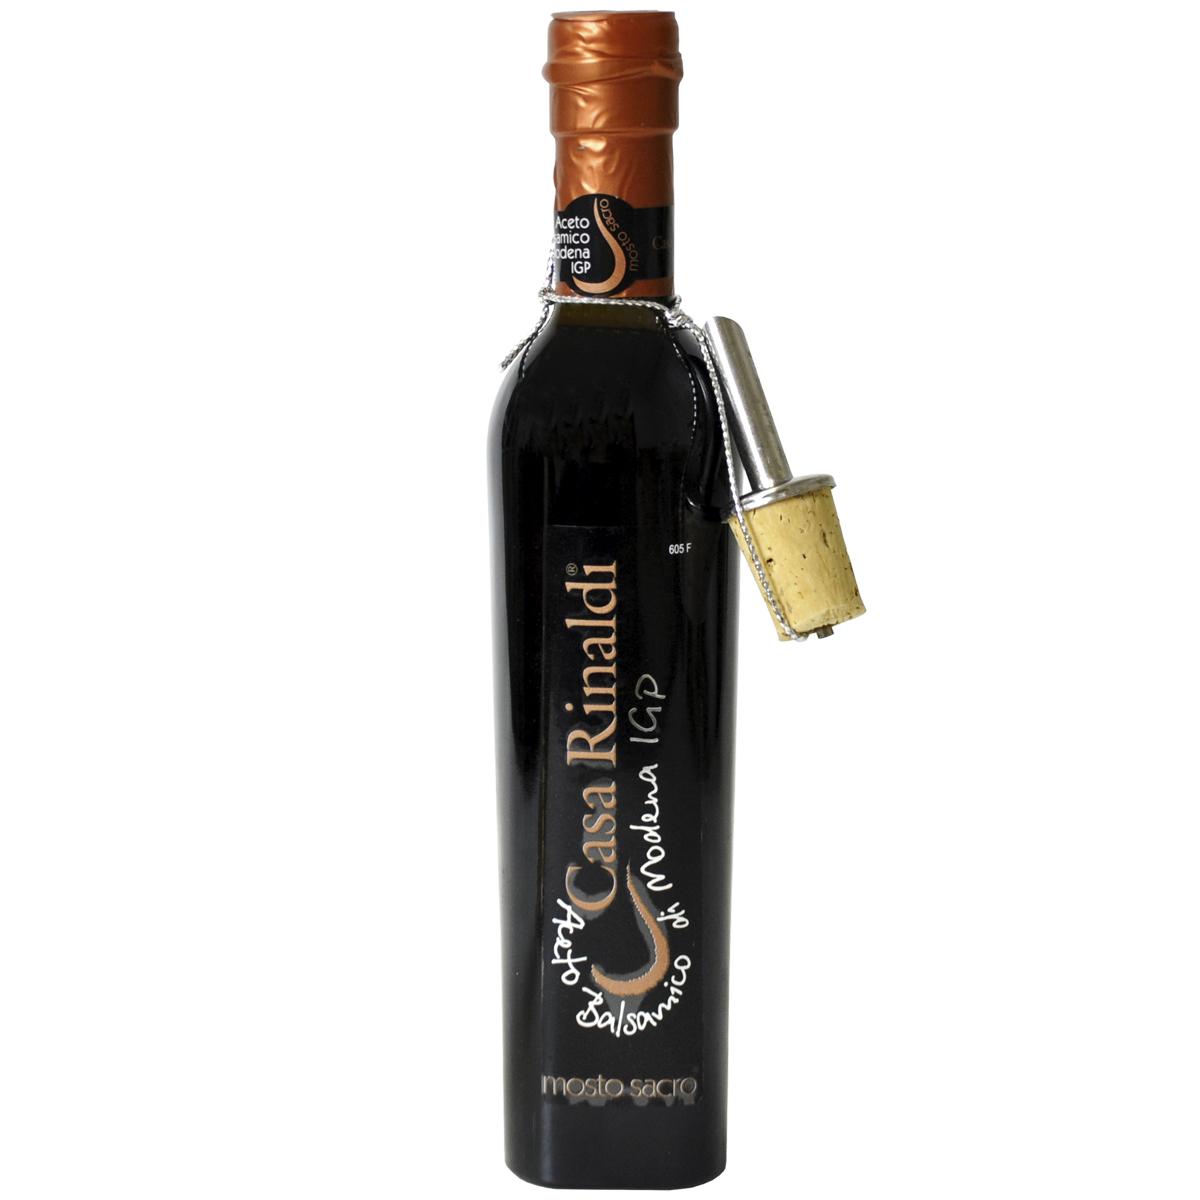 Уксус бальзамический Casa Rinaldi Premium 3 года выдержки Священное сусло 250 мл